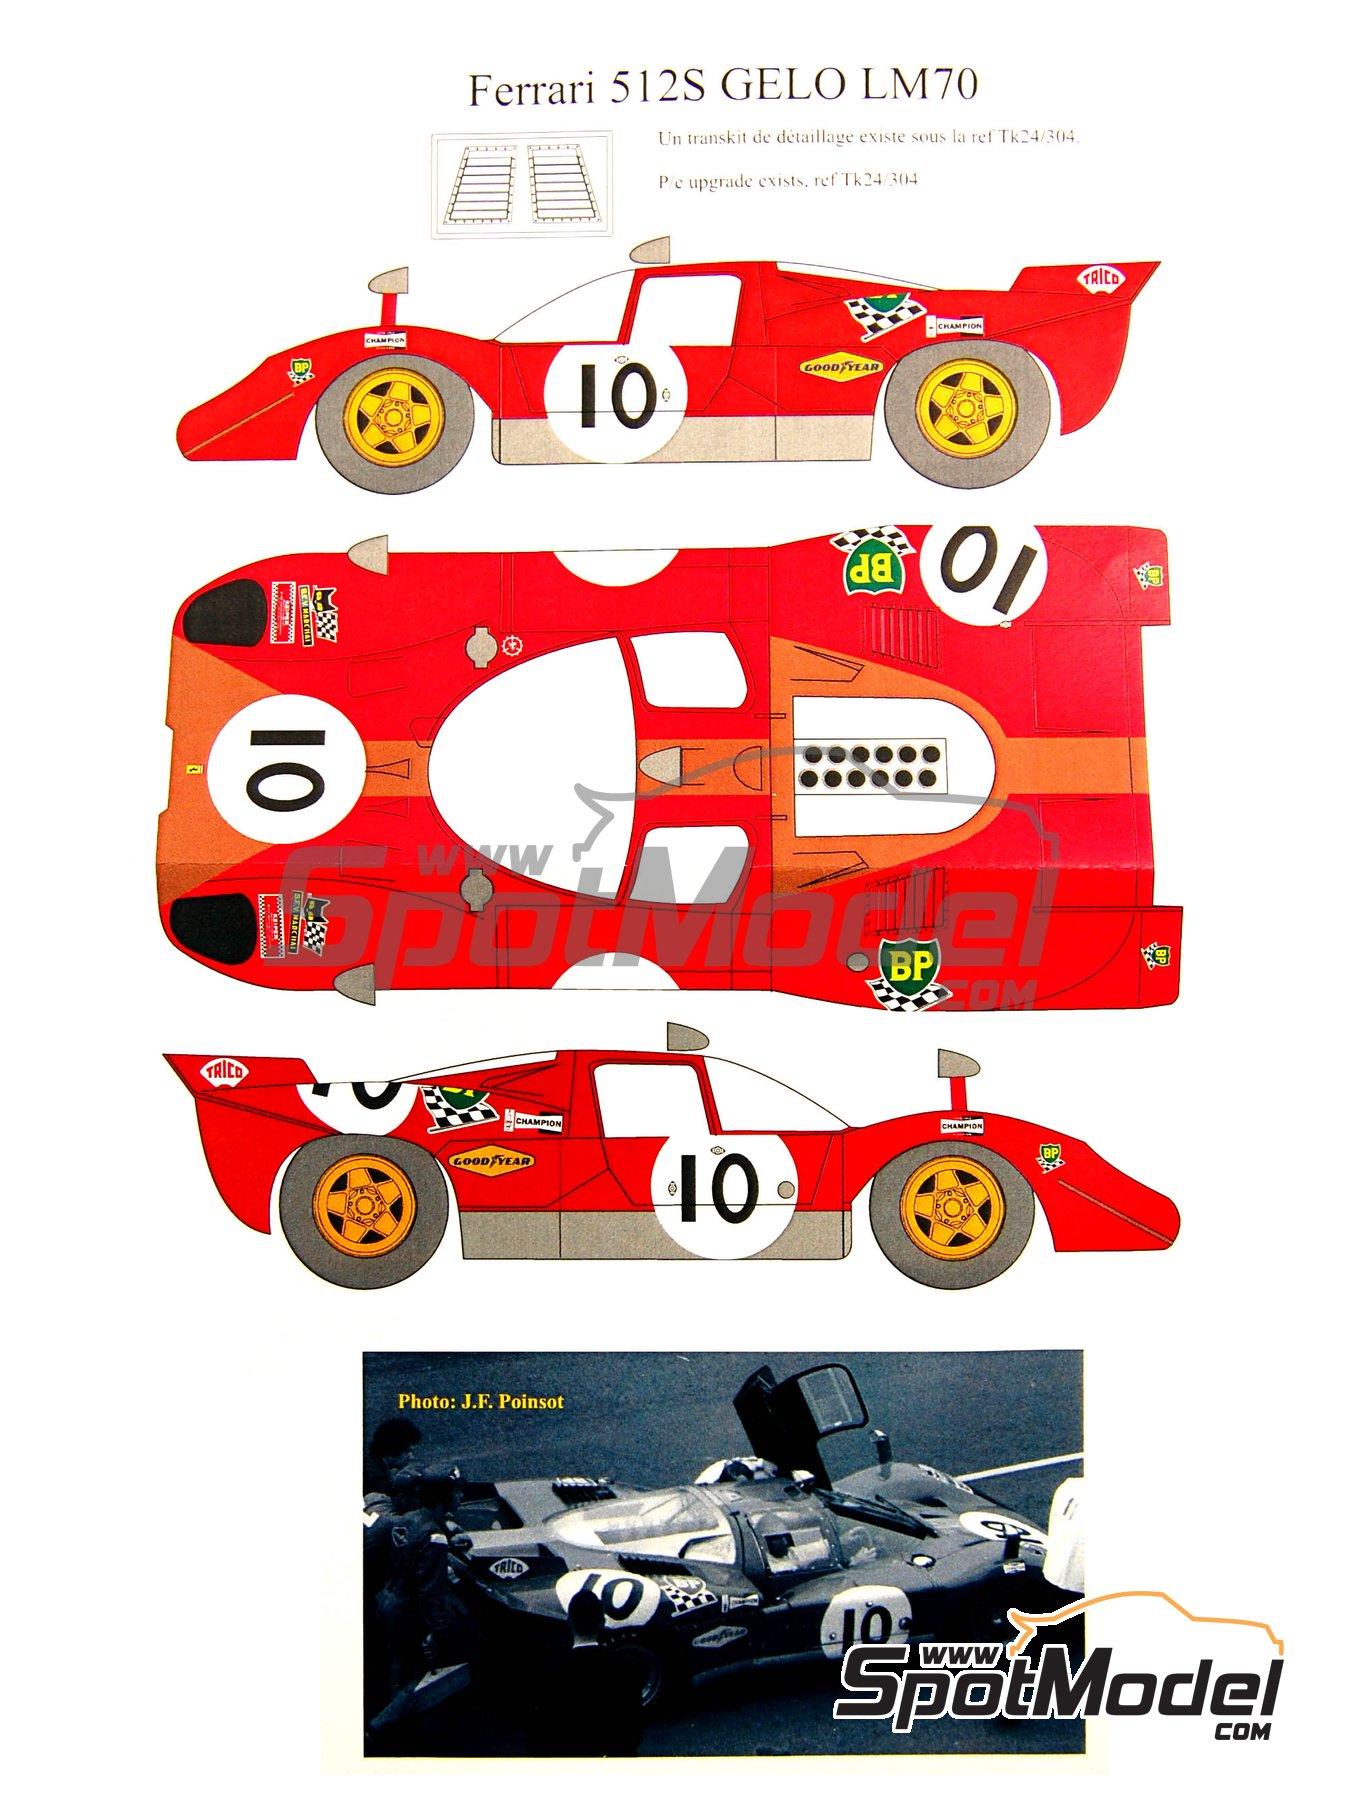 Ferrari 512S Gelo Racing Team - 24 Horas de Le Mans 1970 | Decoración en escala1/24 fabricado por Renaissance Models (ref.TK24-320D) image